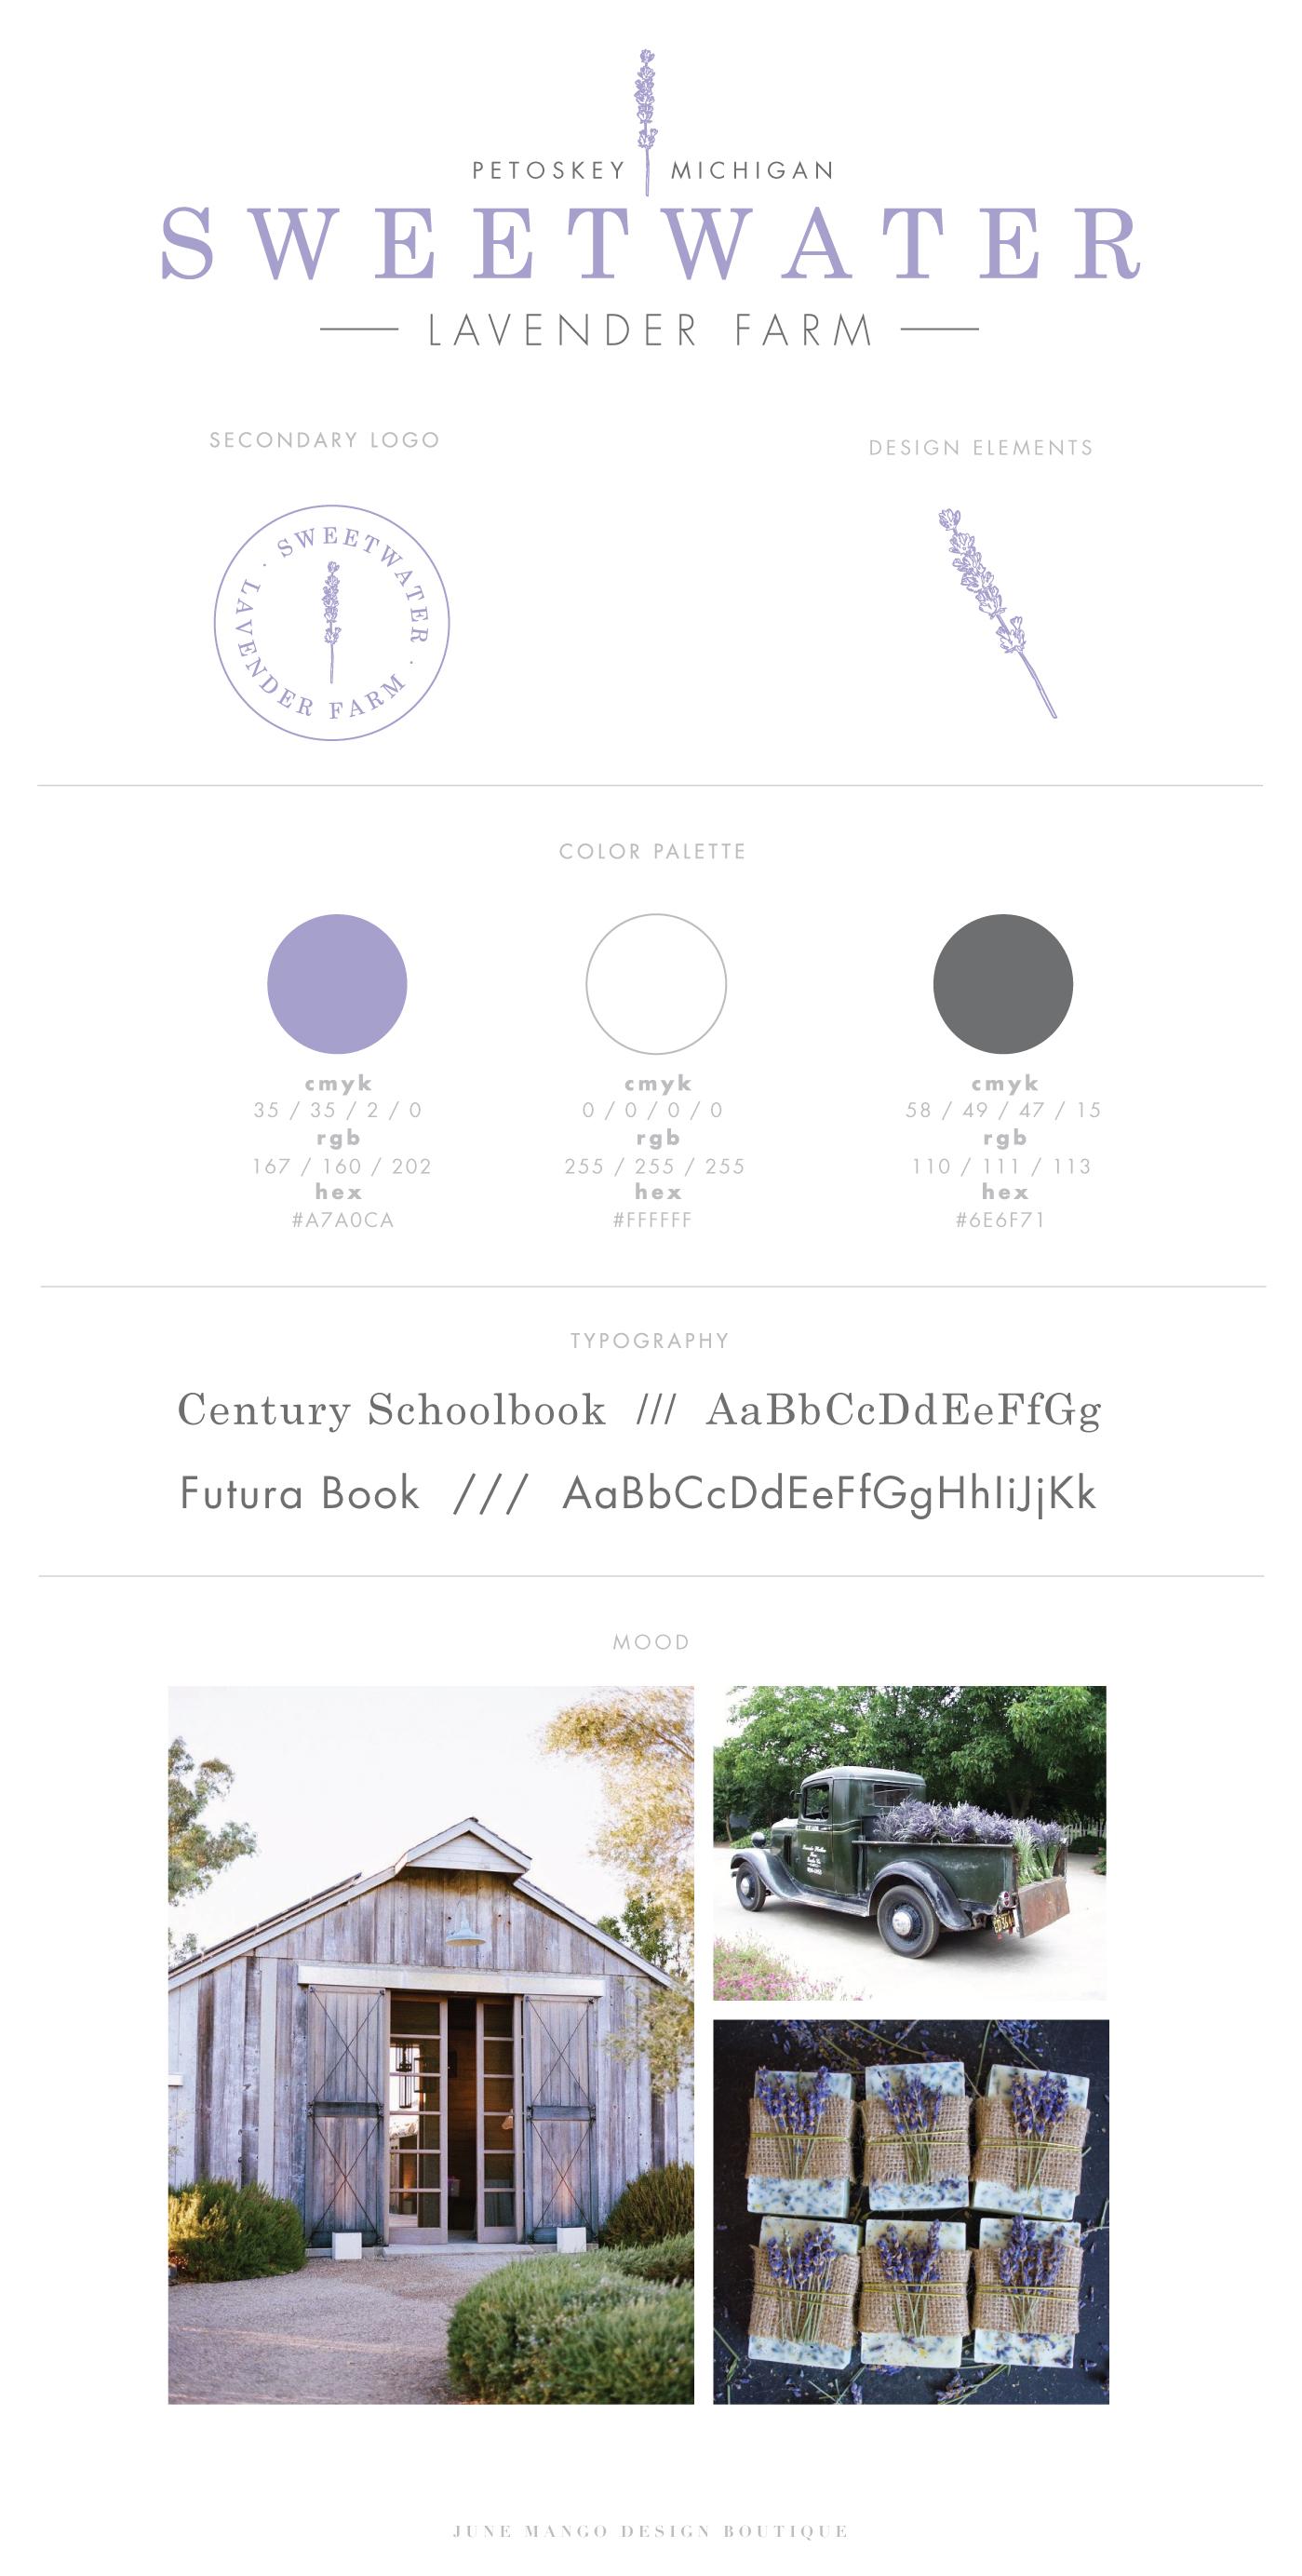 Brand-Style-Board-Sweetwater-Lavender-Farm-01.jpg